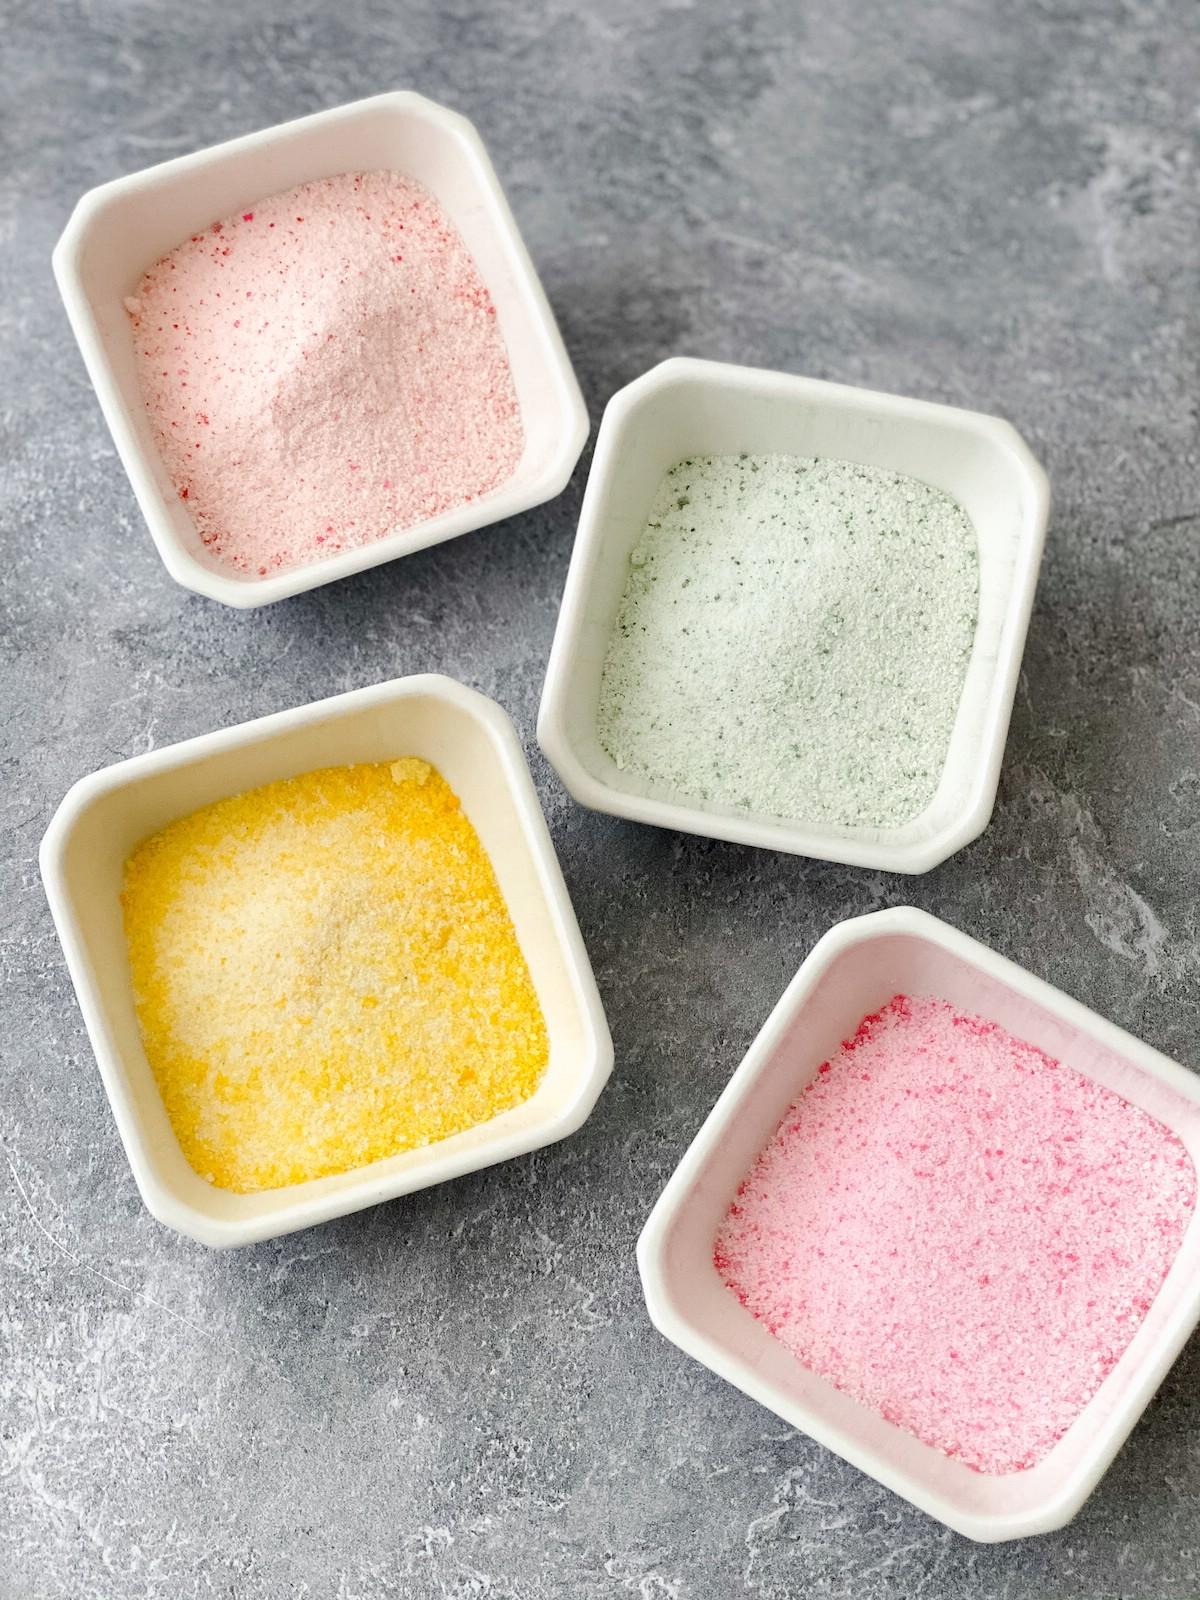 White bowls of pastel sugar